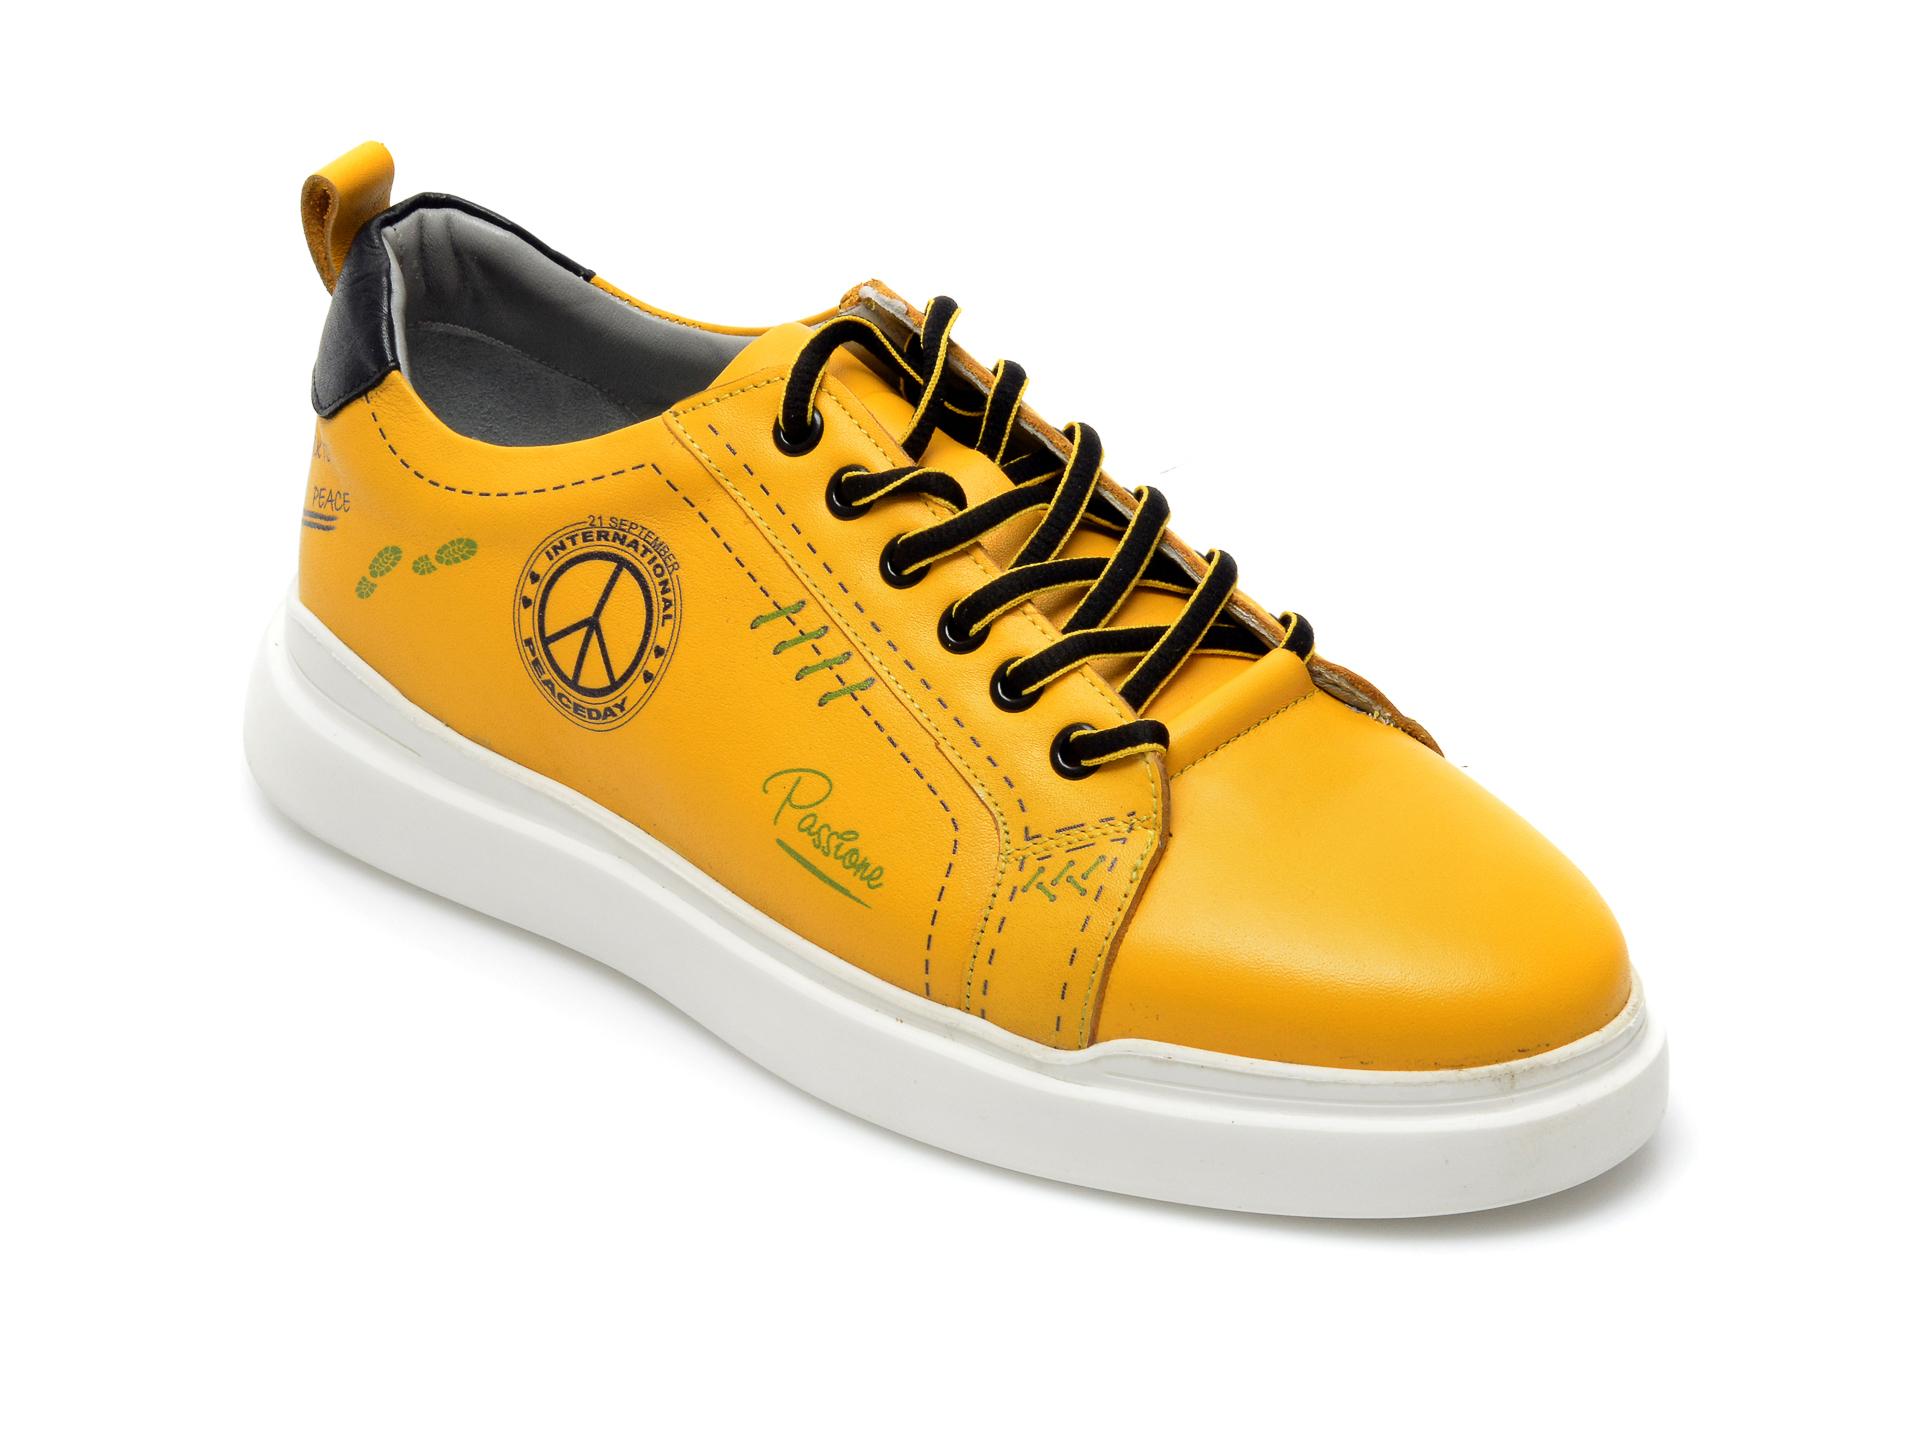 Pantofi OTTER galbeni, 24806, din piele naturala imagine otter.ro